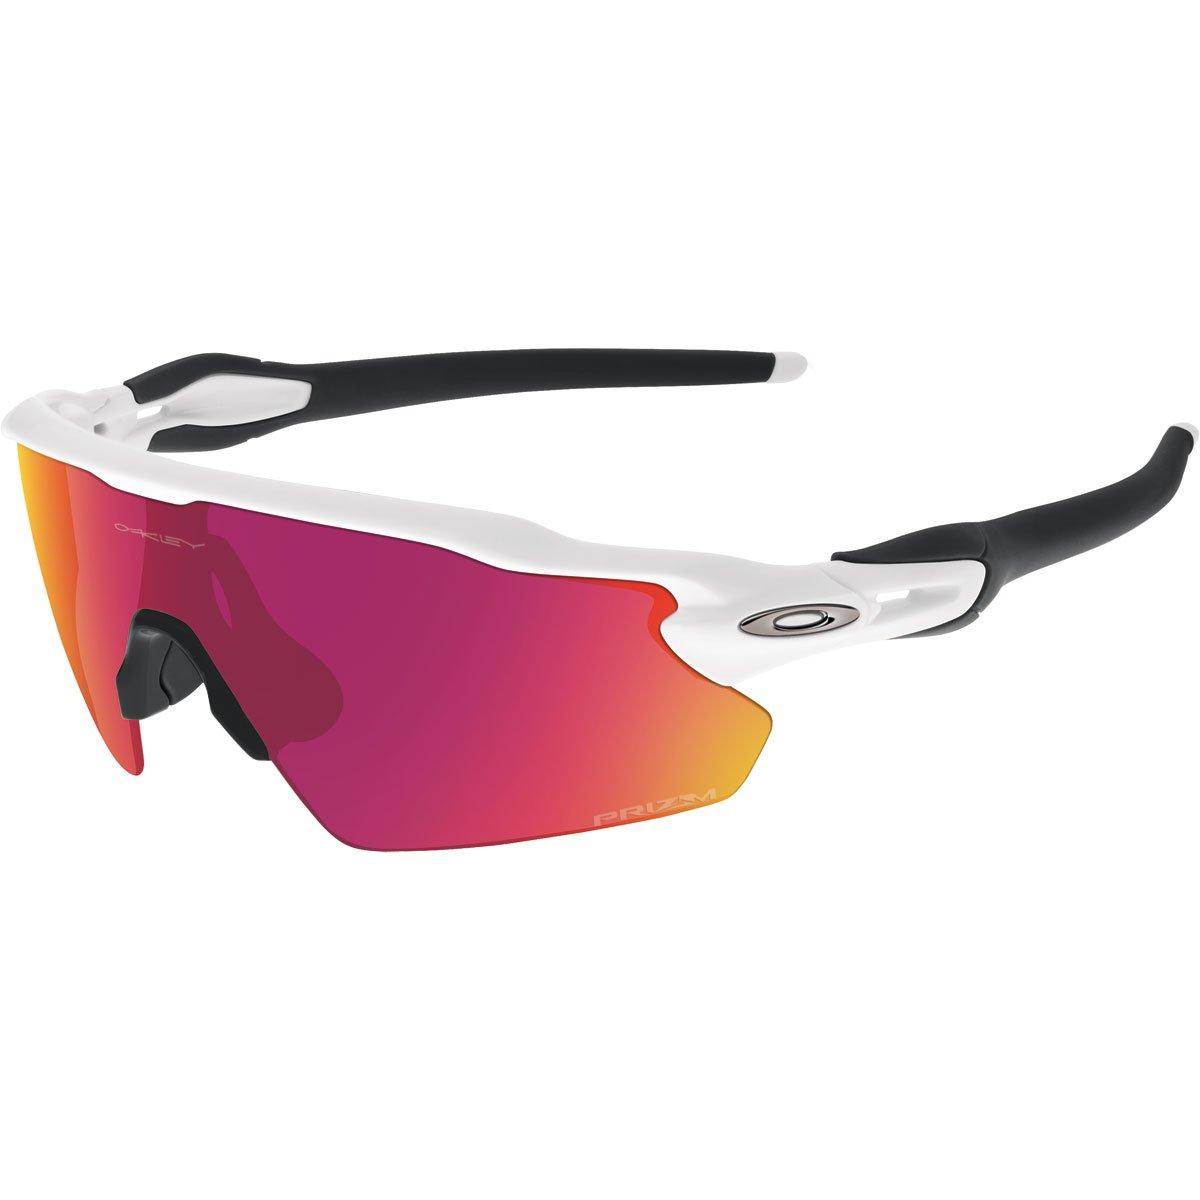 Oakley Men's OO9211 Radar EV Pitch Shield Sunglasses, Polished White/Prizm Field, 38 mm by Oakley